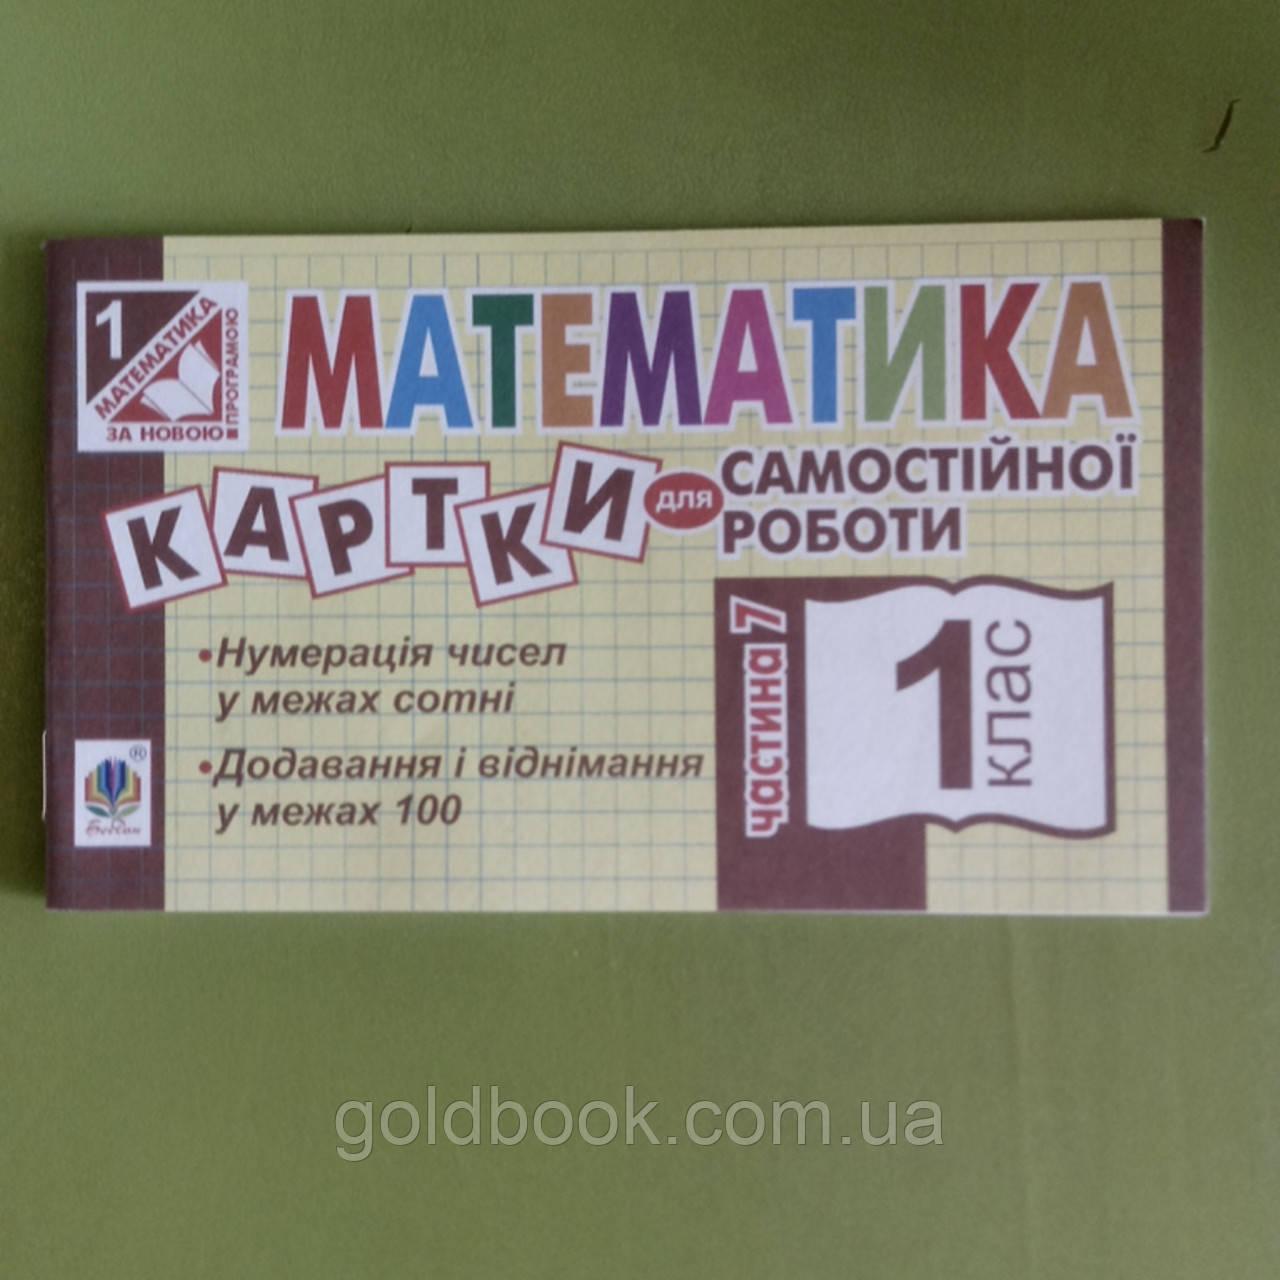 Математика 1 клас, картки для самостійної роботи, 7 частина